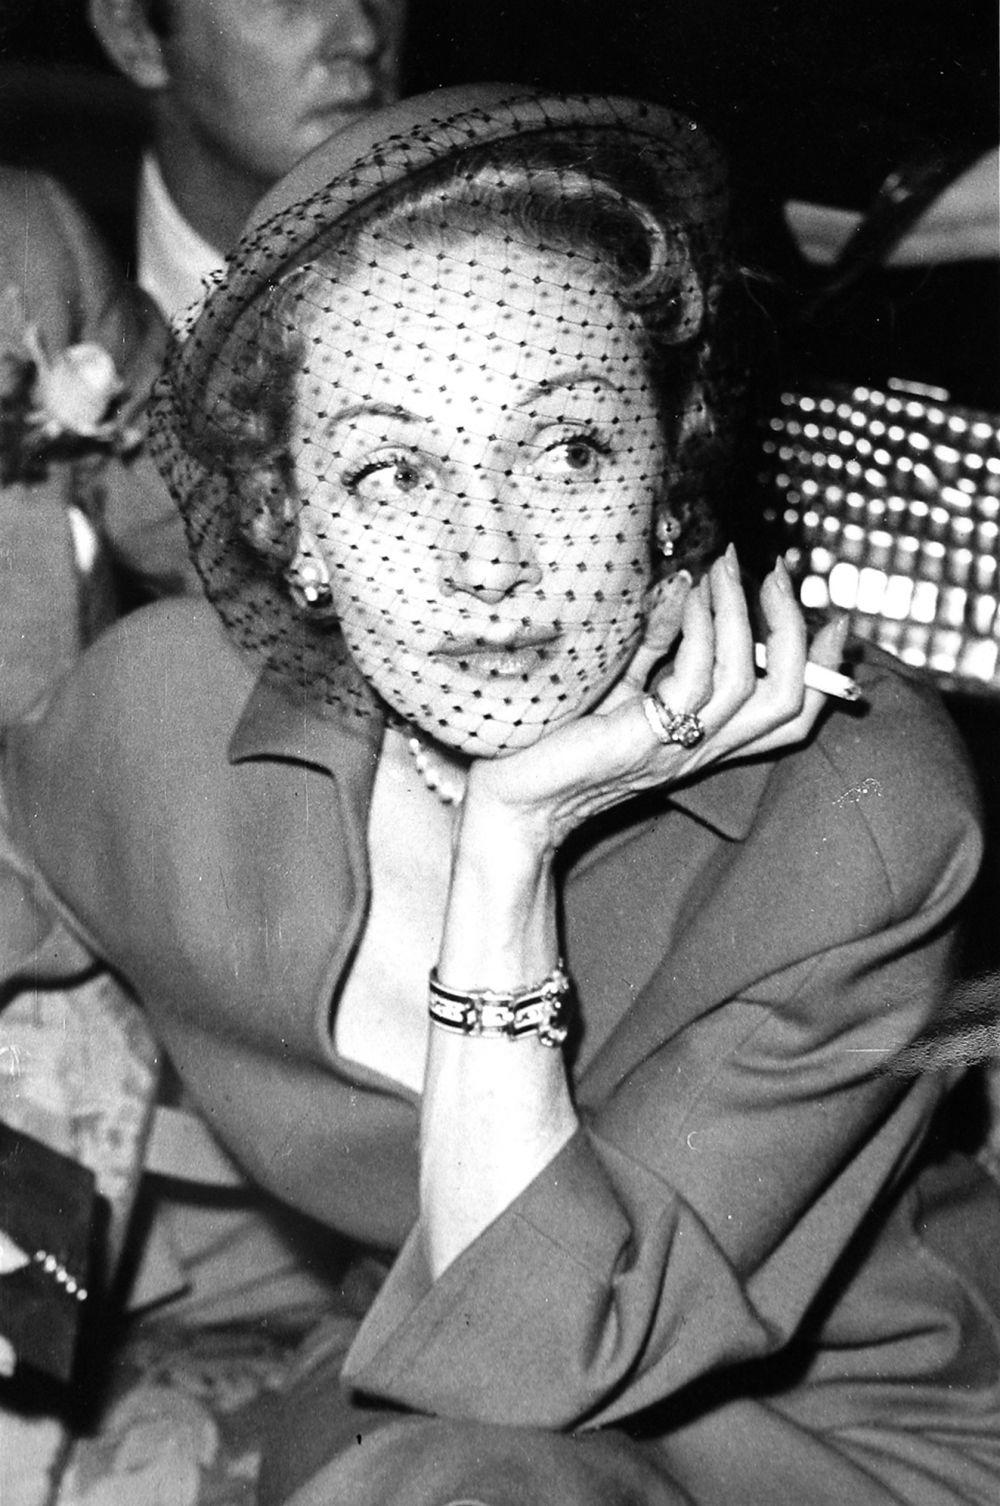 Съёмки в кино Марлен Дитрих возобновила в 1946 году. Помимо этого она писала статьи в гламурные журналы, а в начале 50-х переключилась на карьеру певицы и конферансье.